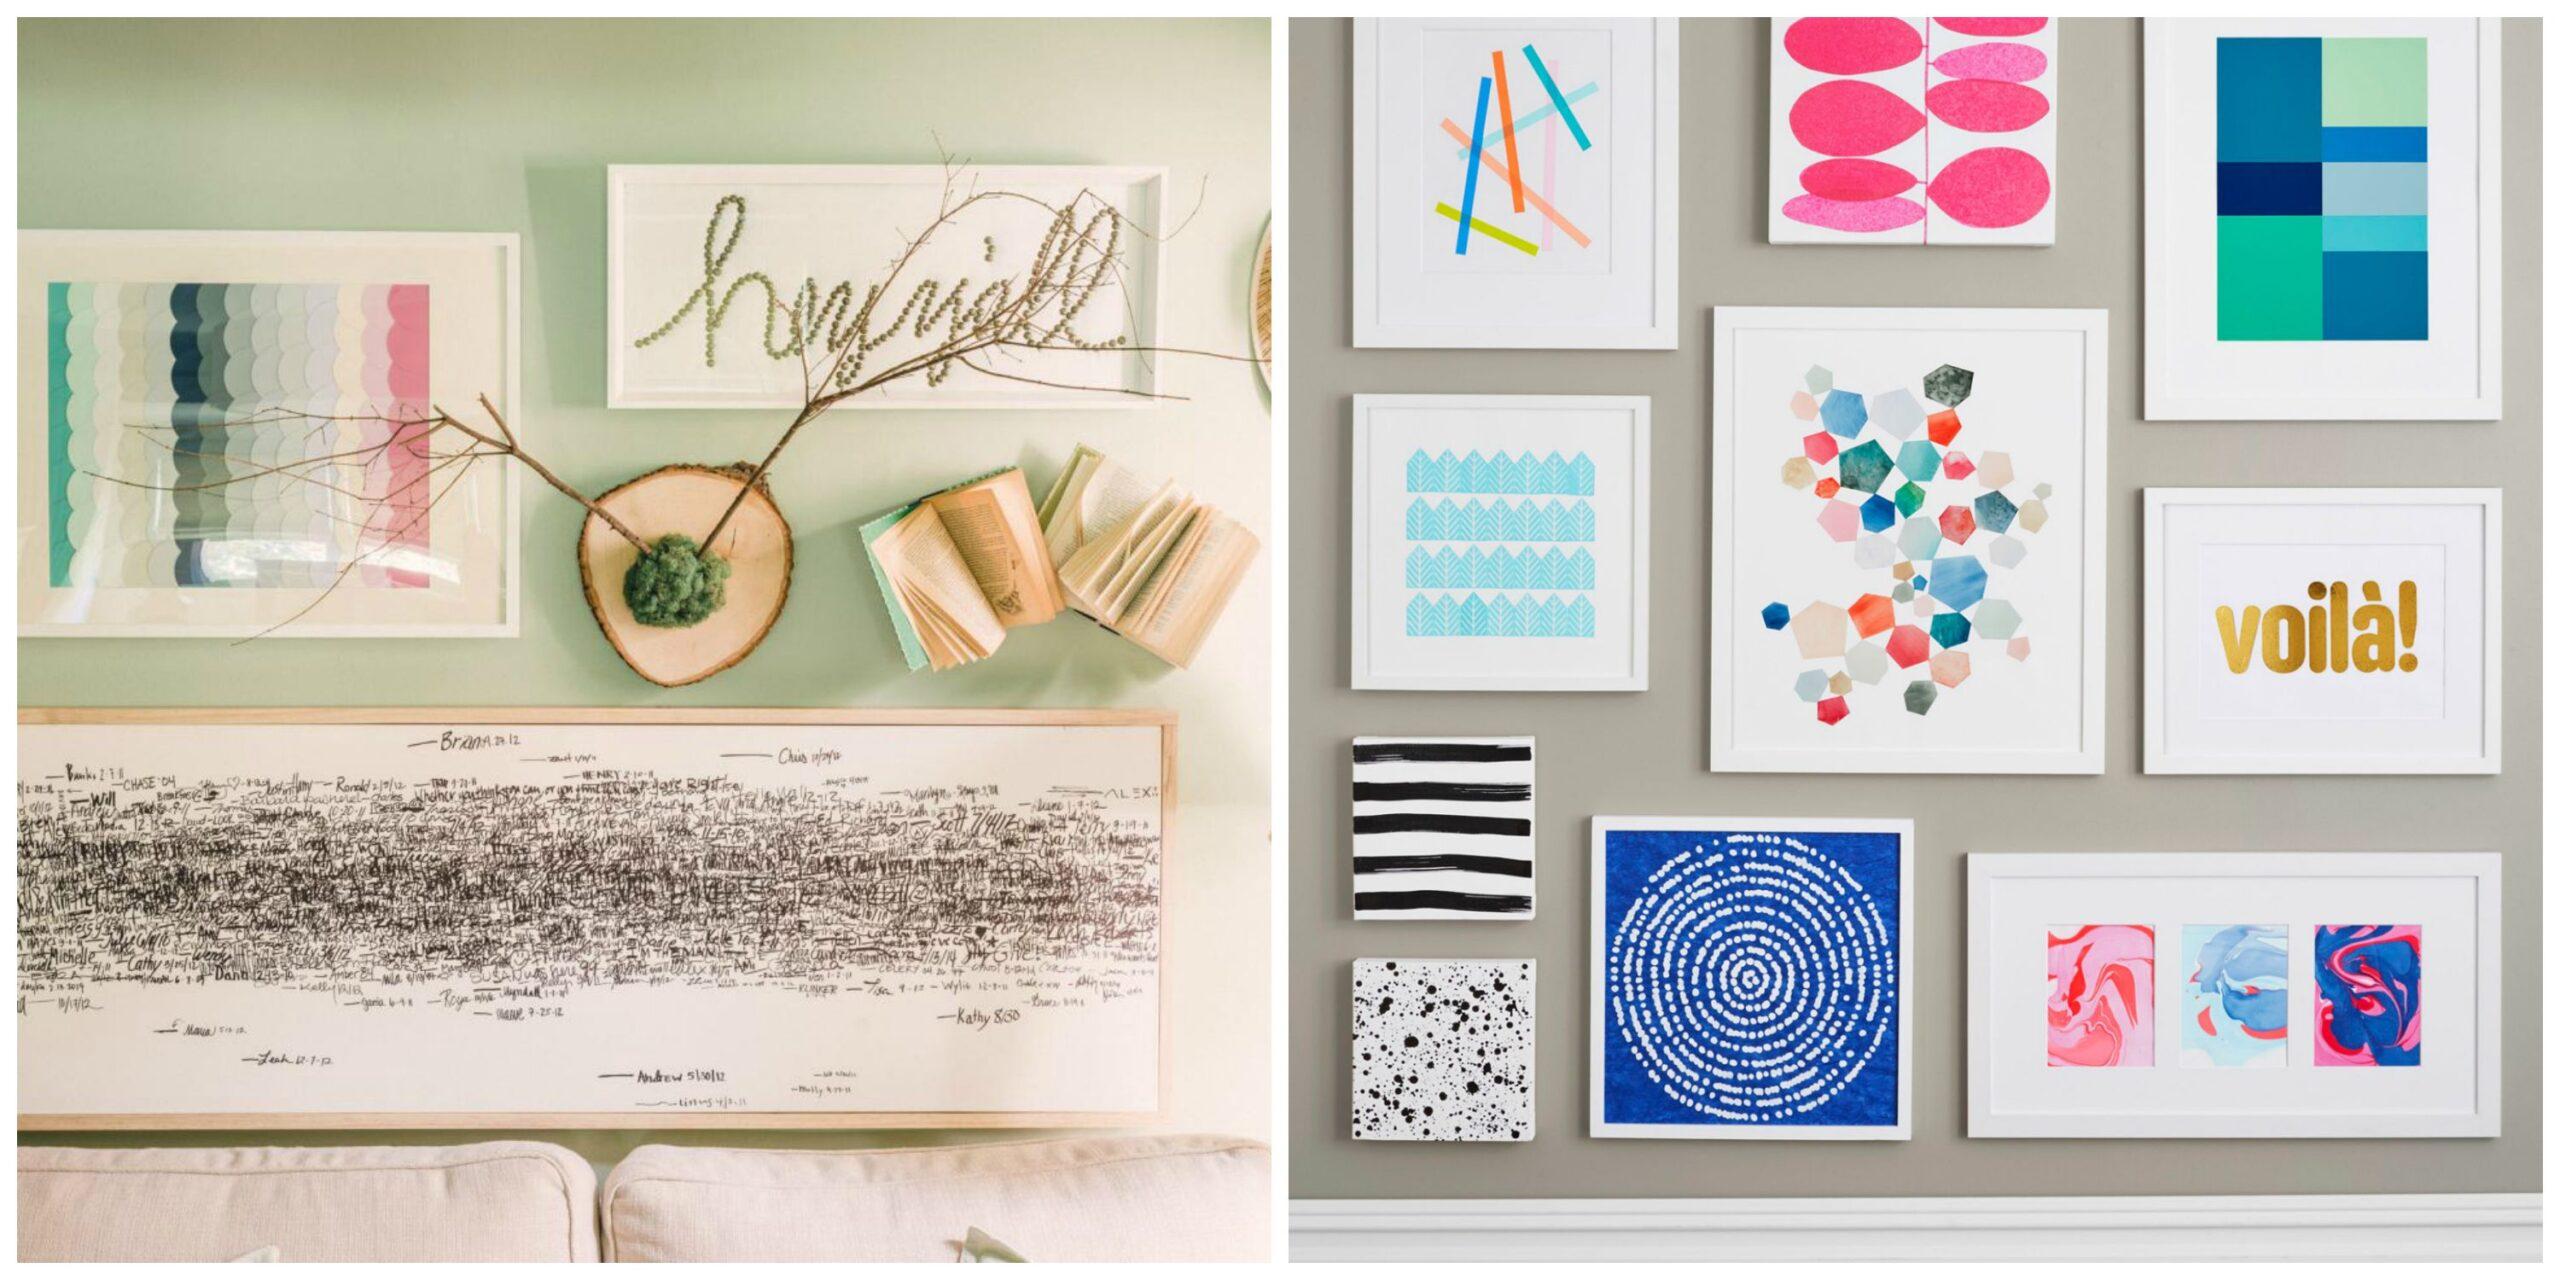 4 idee per realizzare facilmente quadri decorativi DIY (video)